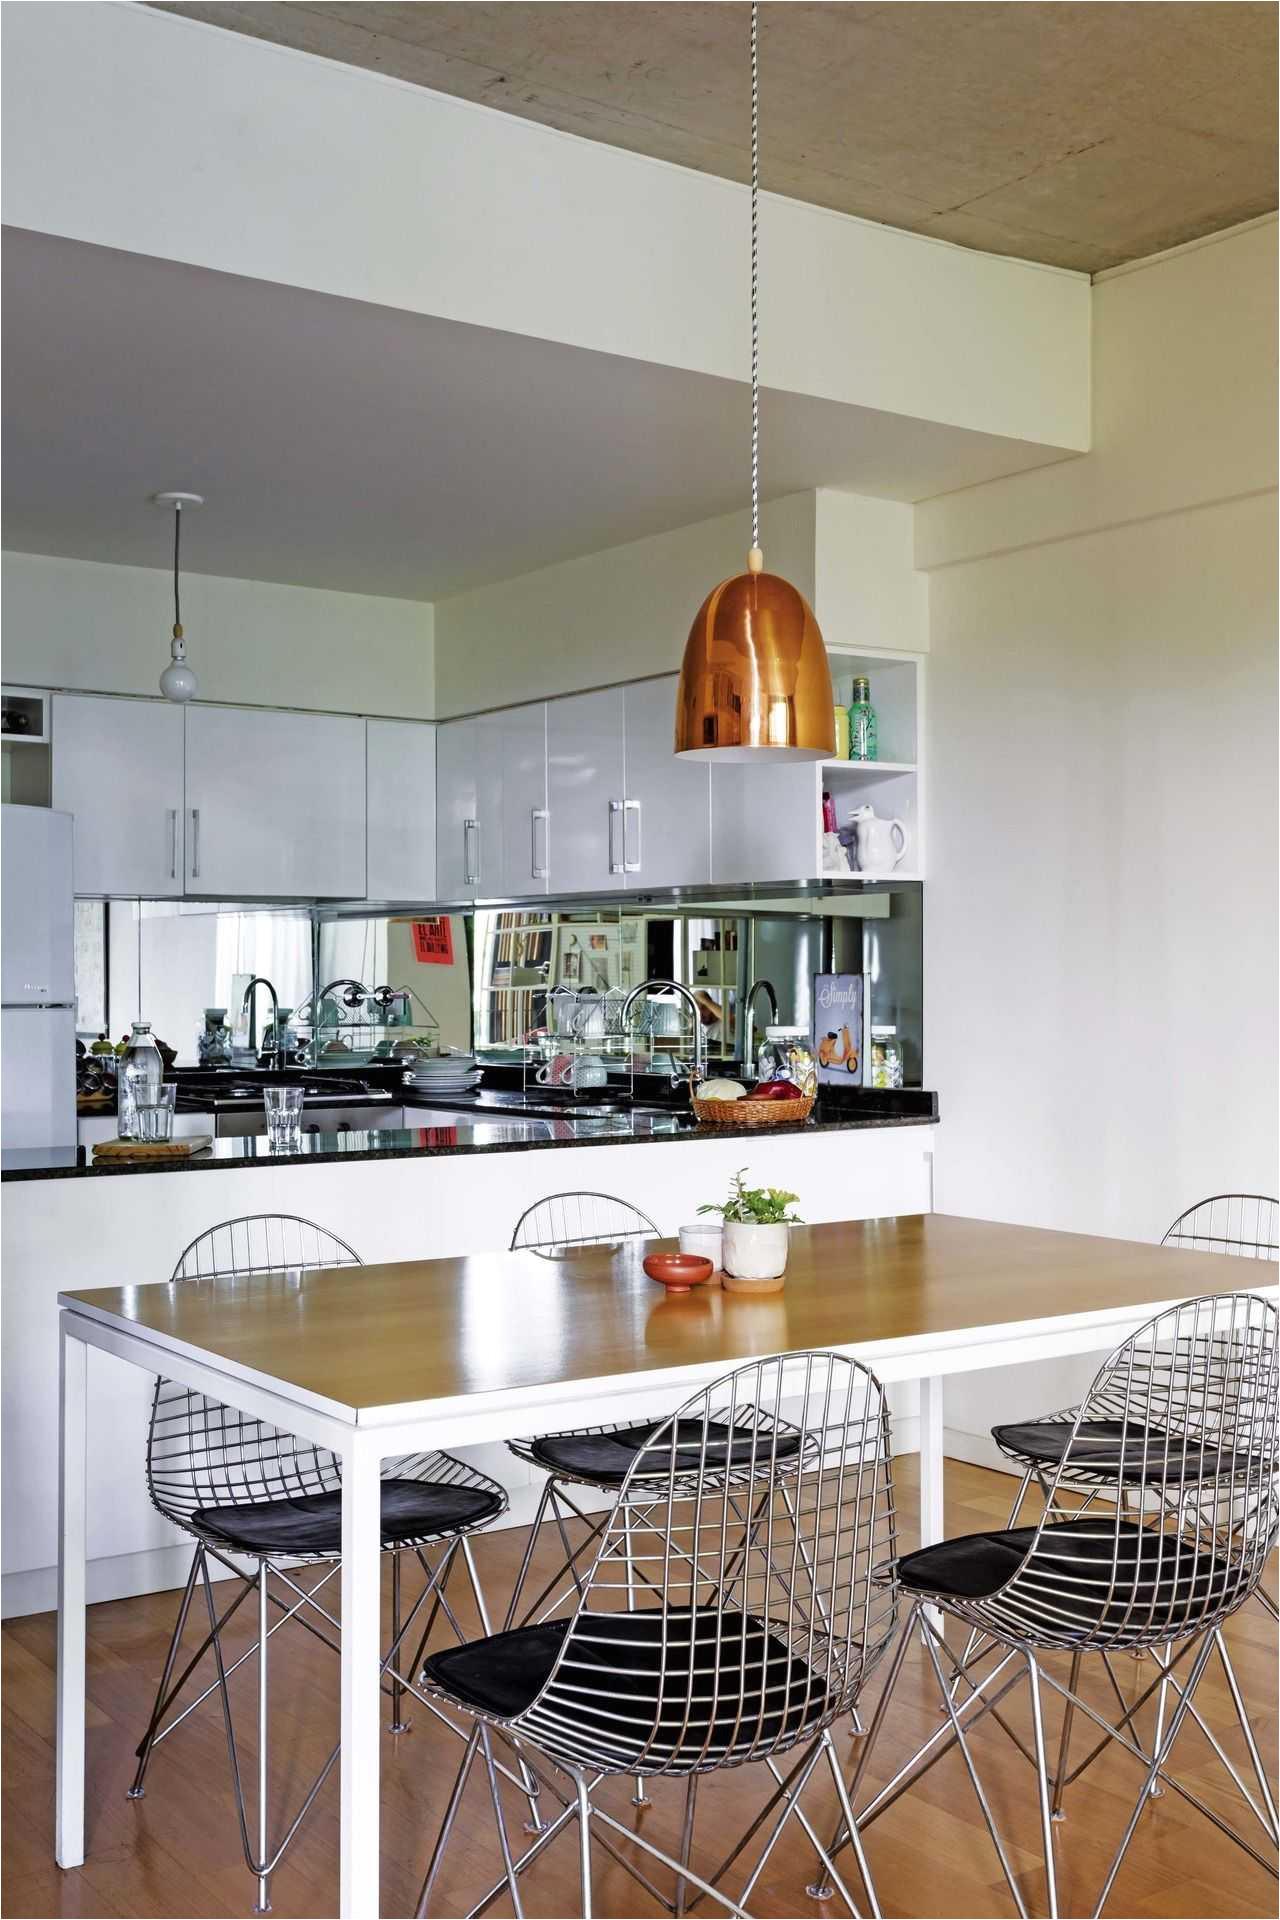 free cocina salon edor integrados decoracion planos pequeno tres vecinos nos muestran la with cocina salon